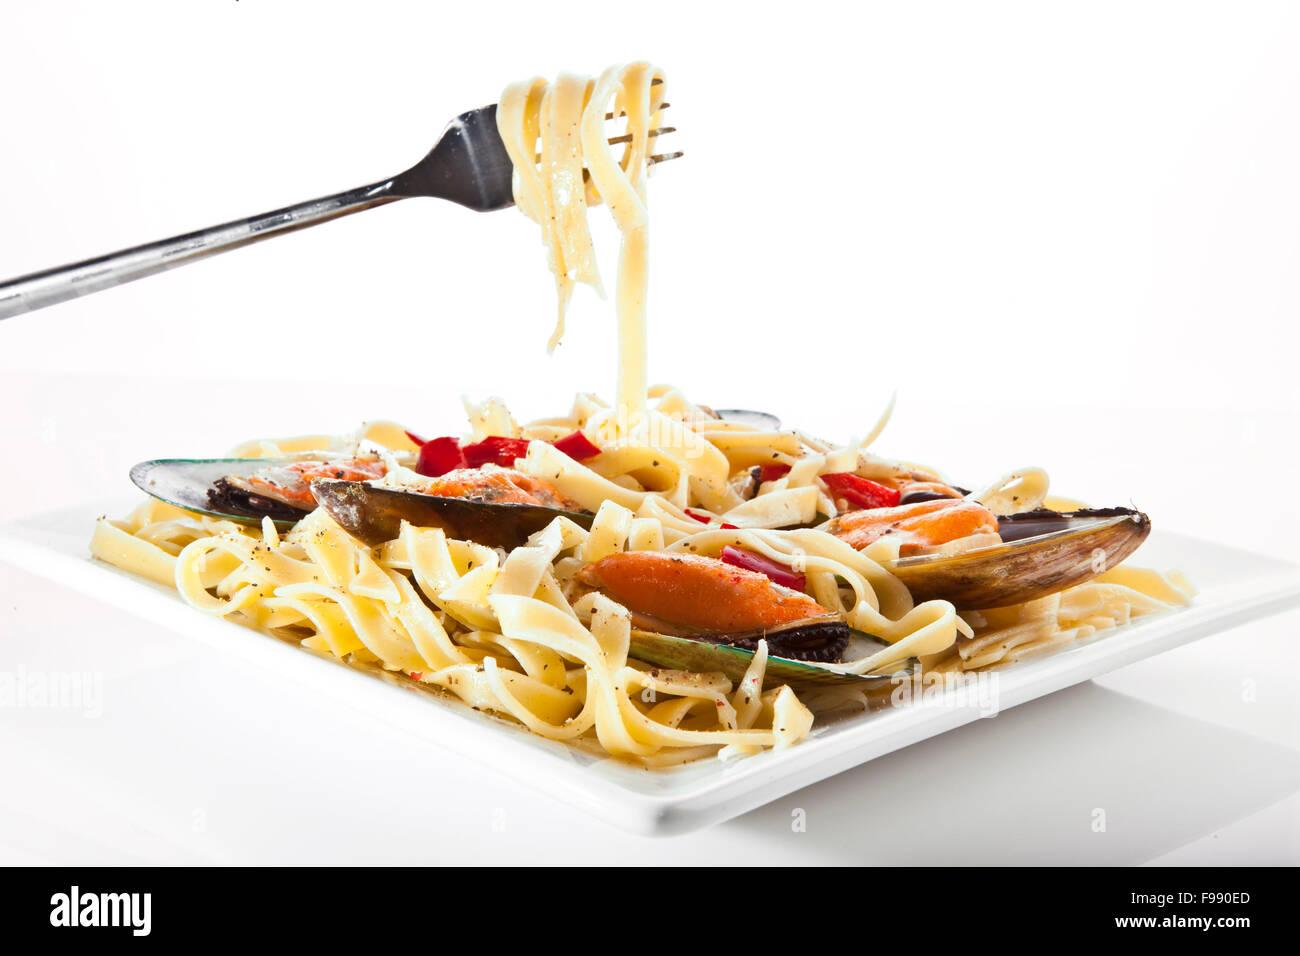 Pasta mit Muscheln auf weiße Schale - italienische Küche Stockbild